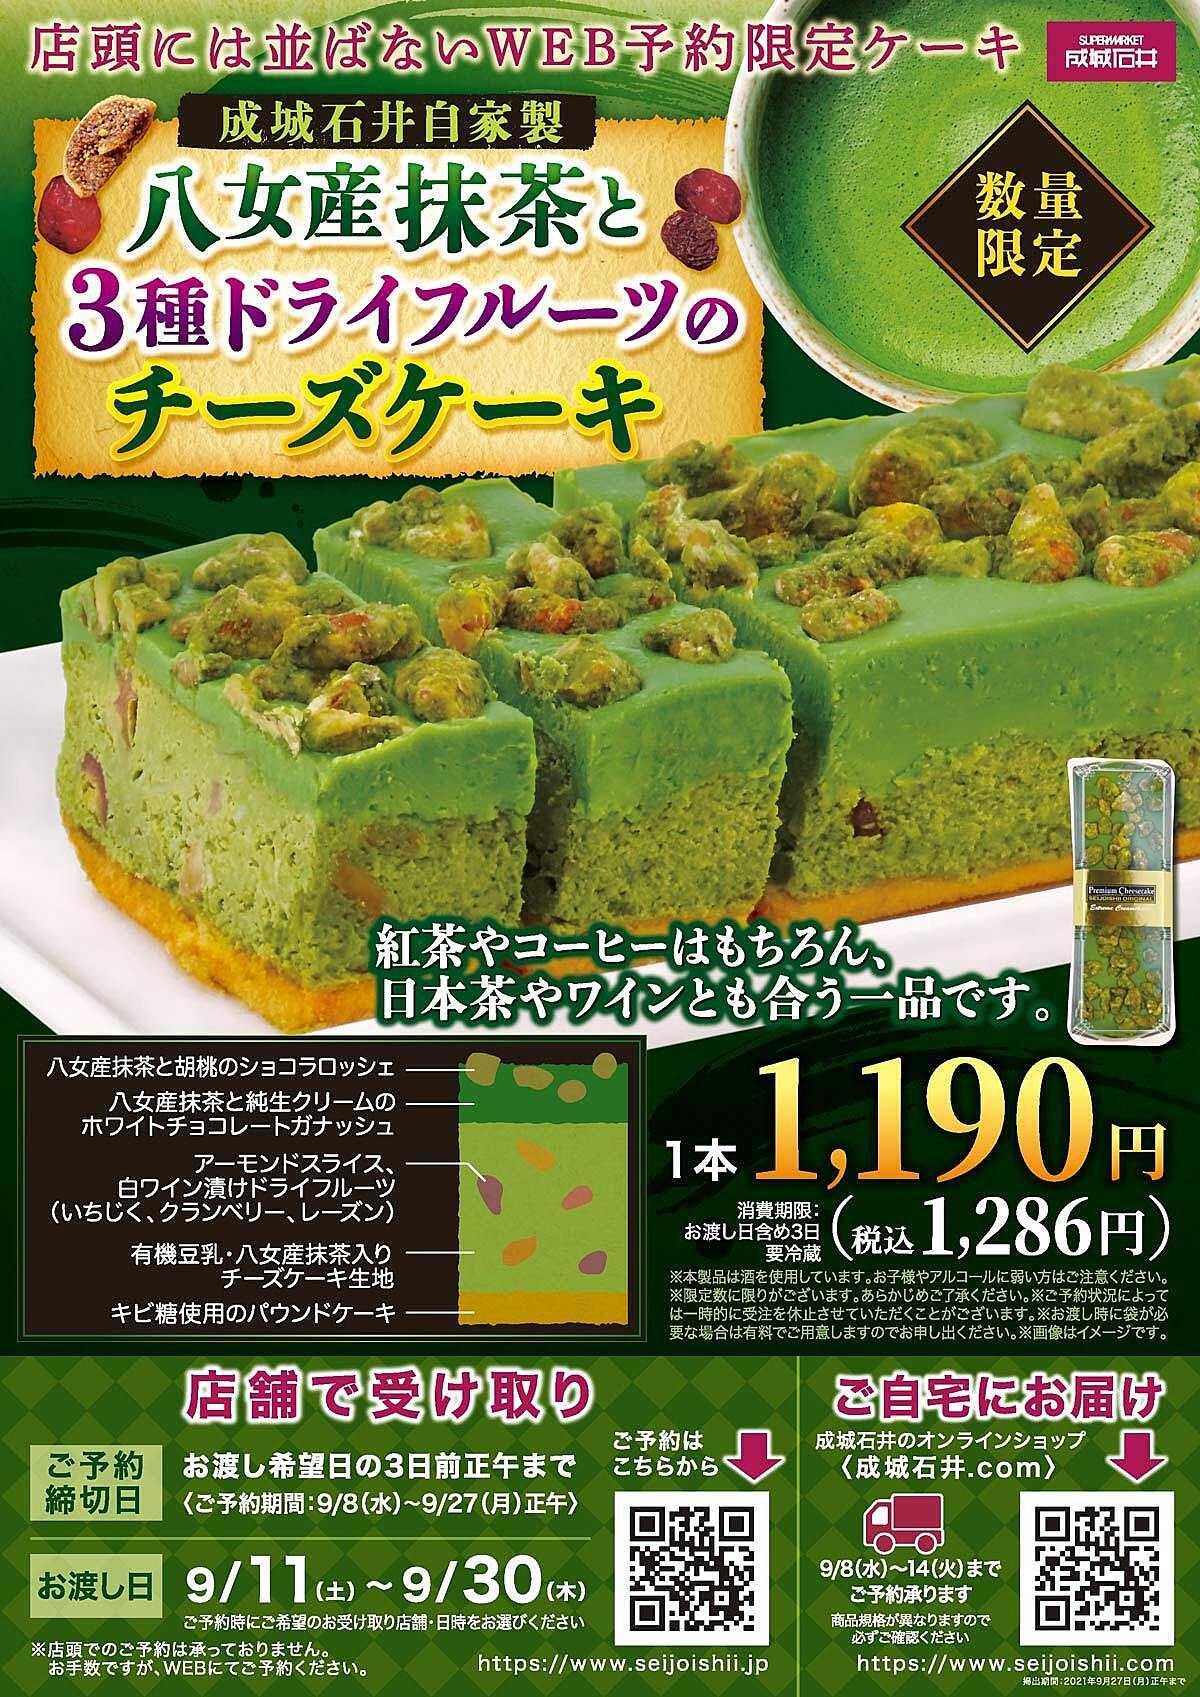 成城石井 【WEB予約限定】『八女産抹茶と3種ドライフルーツのチーズケーキ』ご予約承り中!